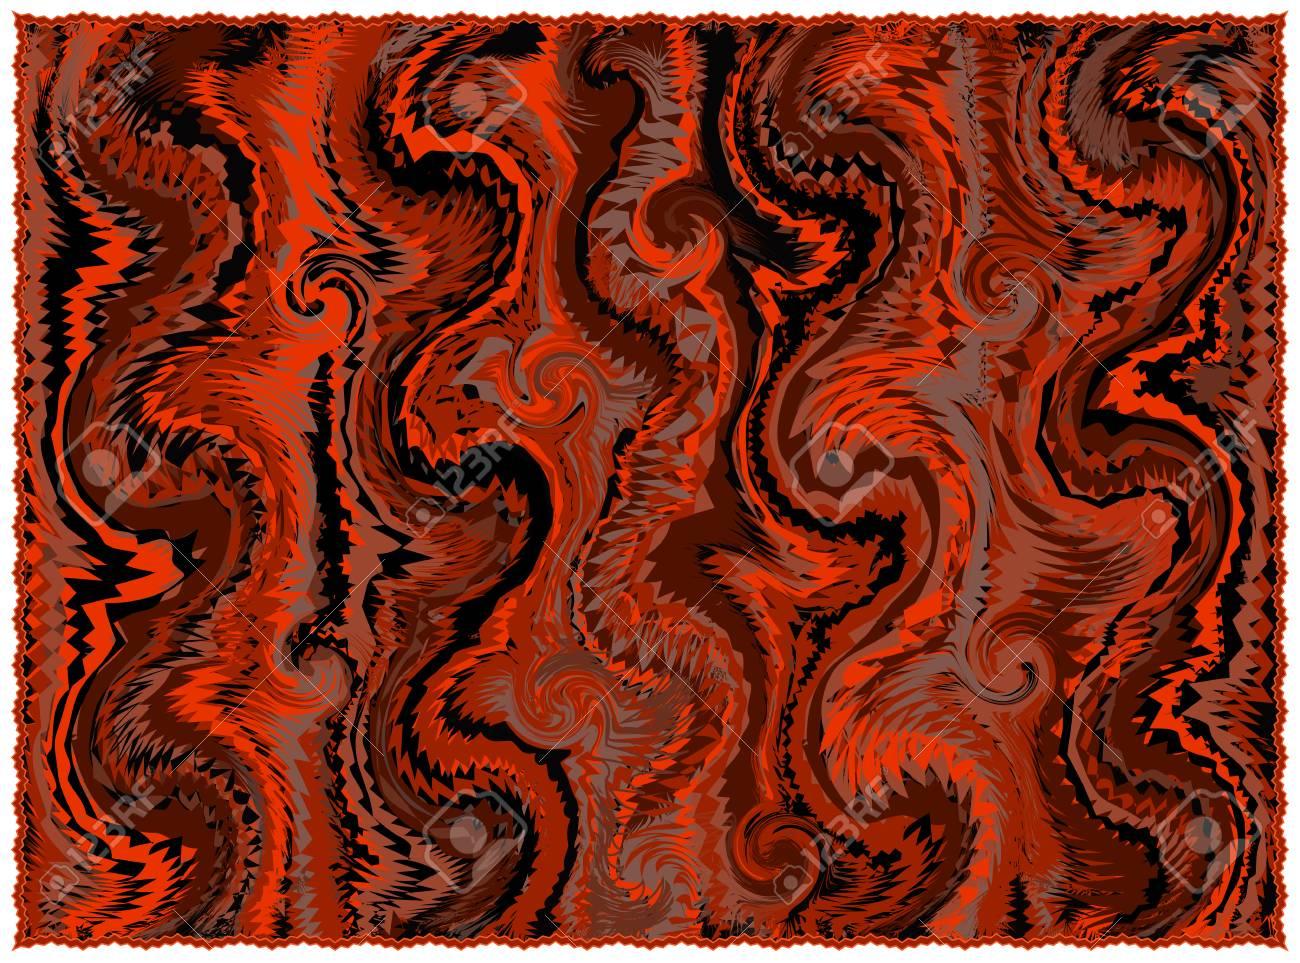 Banque Du0027images   Tapis Avec Motif Grunge Rayé Et Ondulé Dans Les Couleurs  Orange, Marron, Noir Avec Frange Isolé Sur Blanc